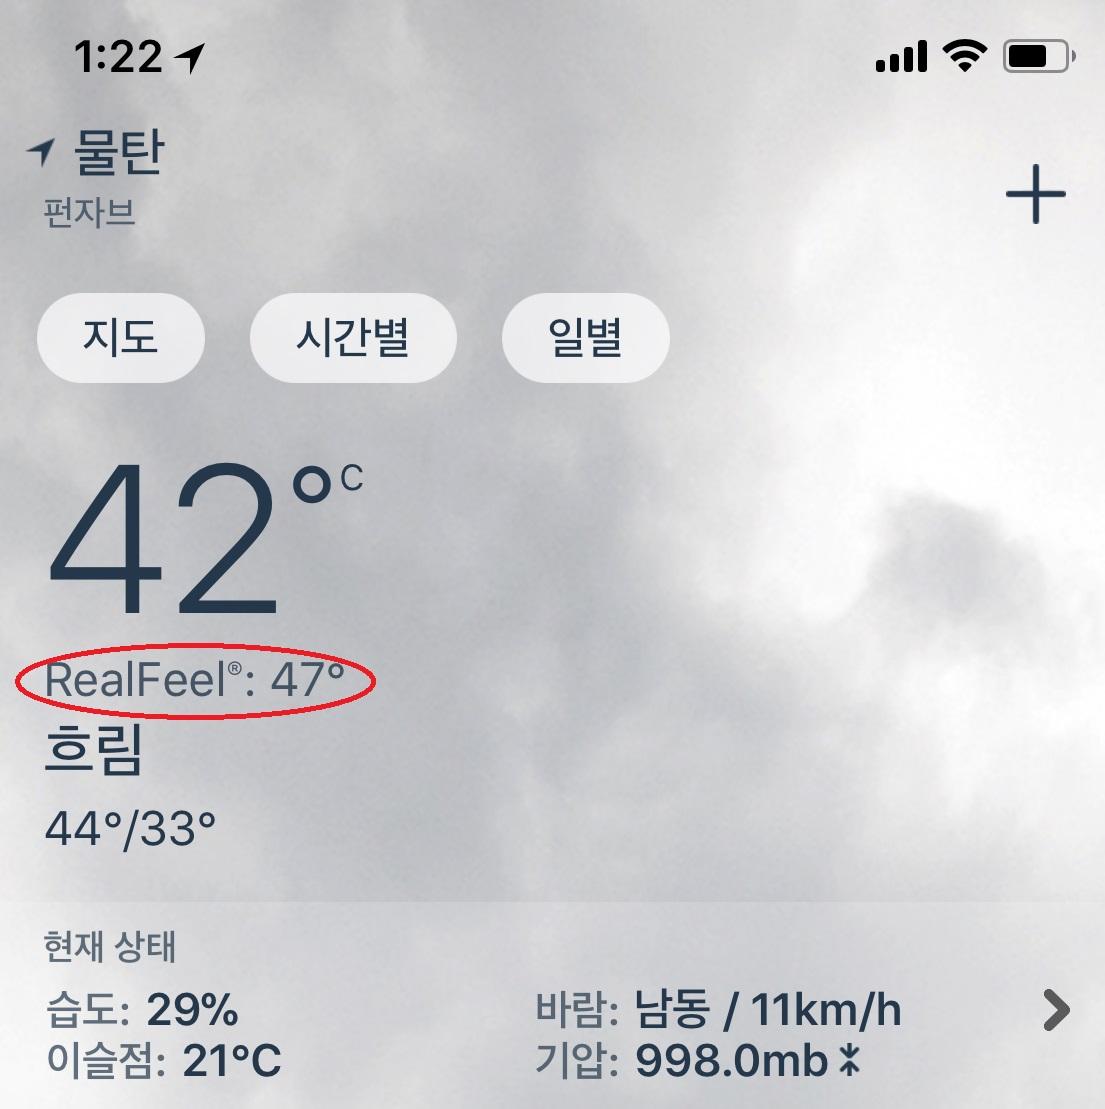 출장 당시 기온, 체감온도 47도의 위엄